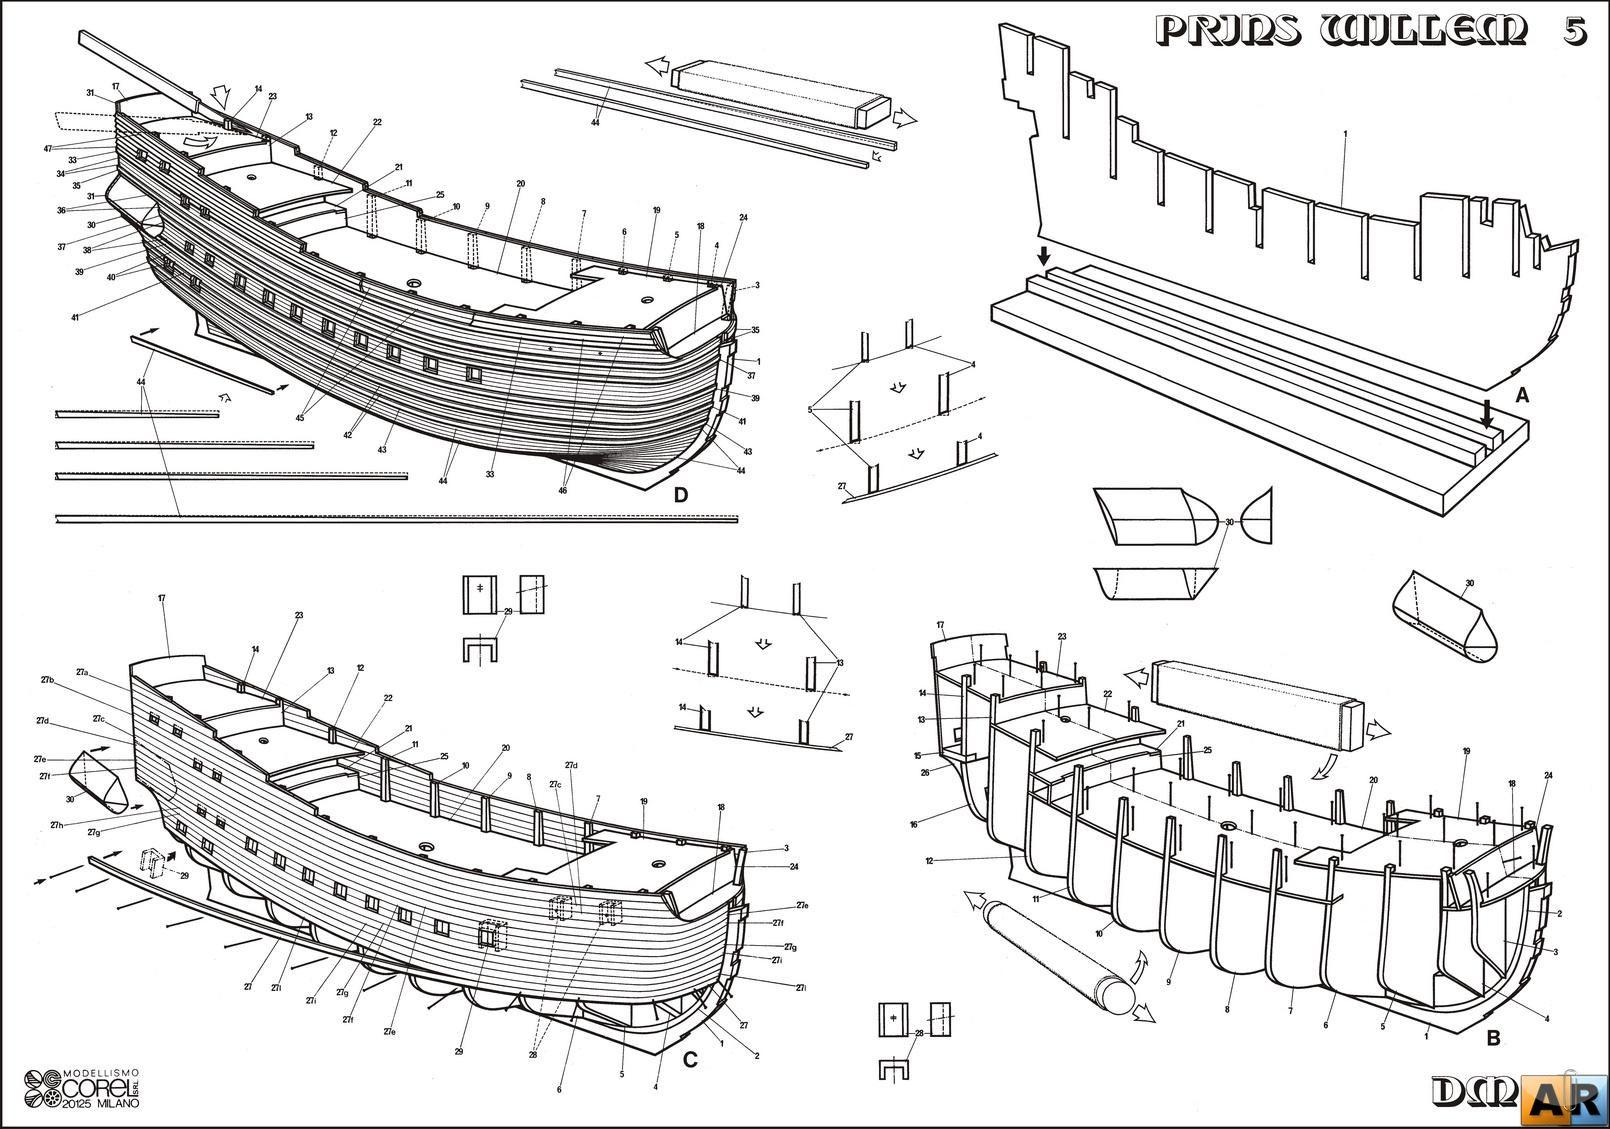 Деревянный корабль своими руками чертежи фото 1000